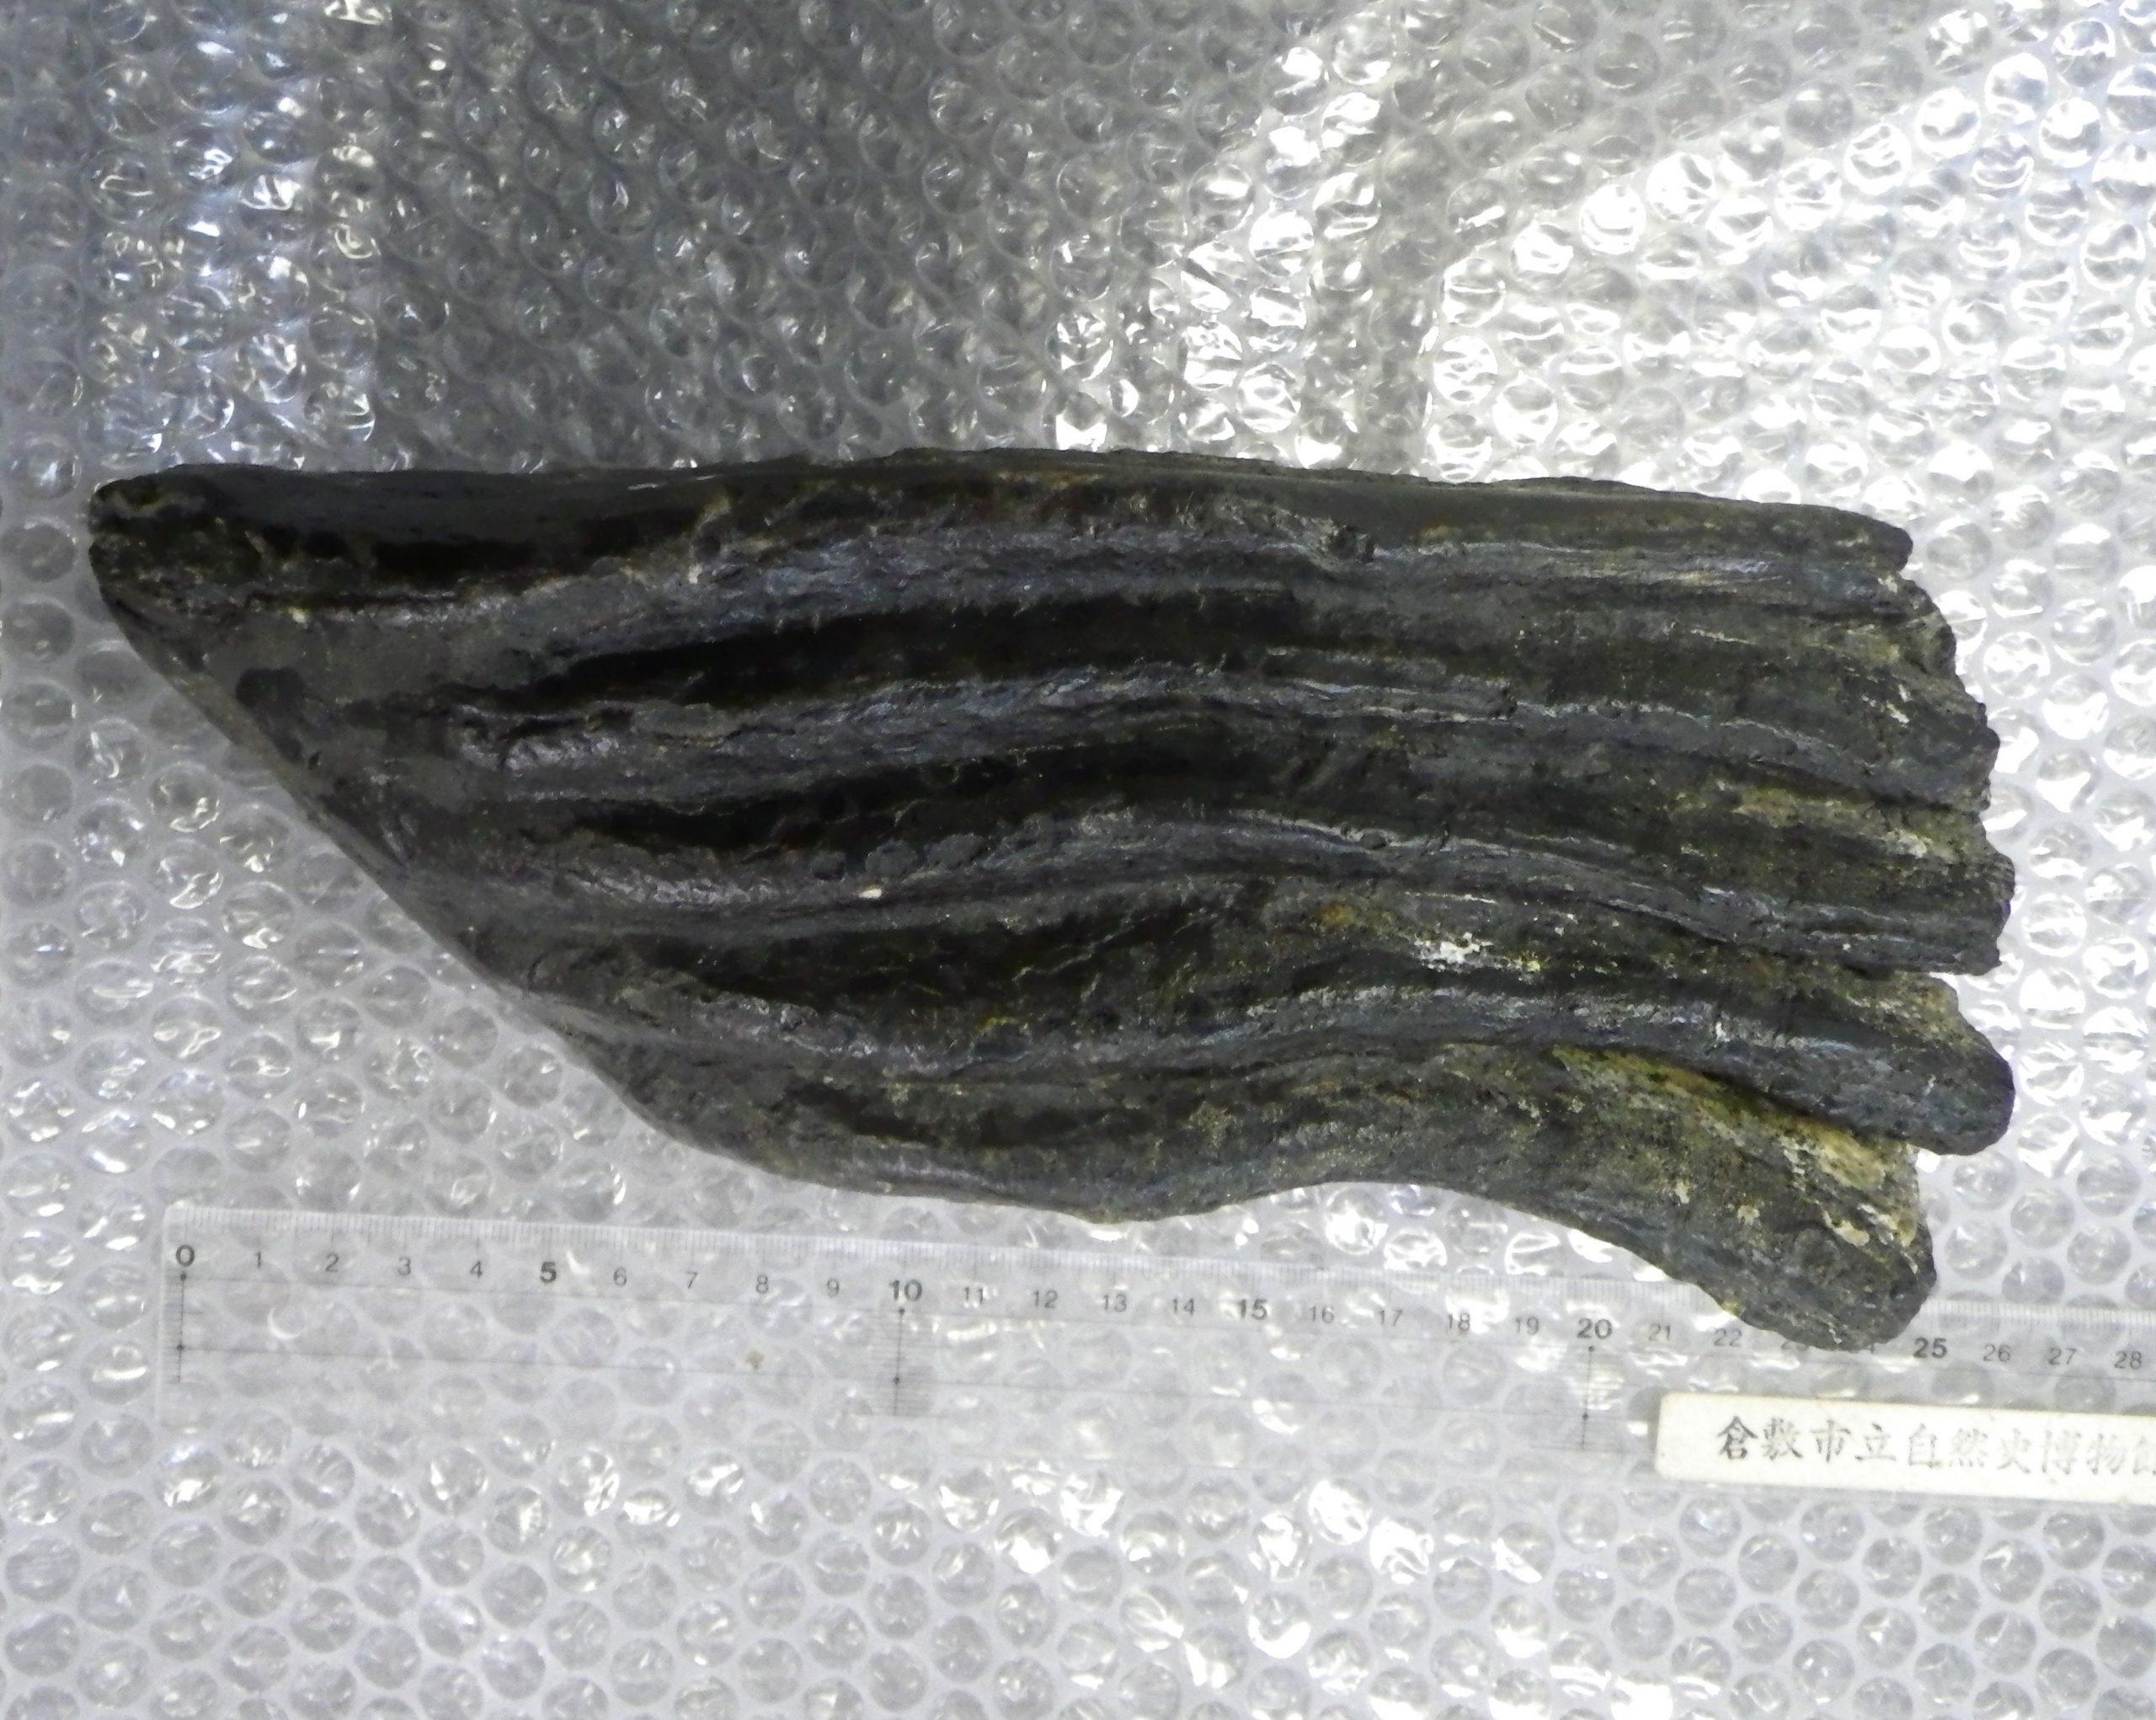 瀬戸内海で上がったナウマンゾウの化石